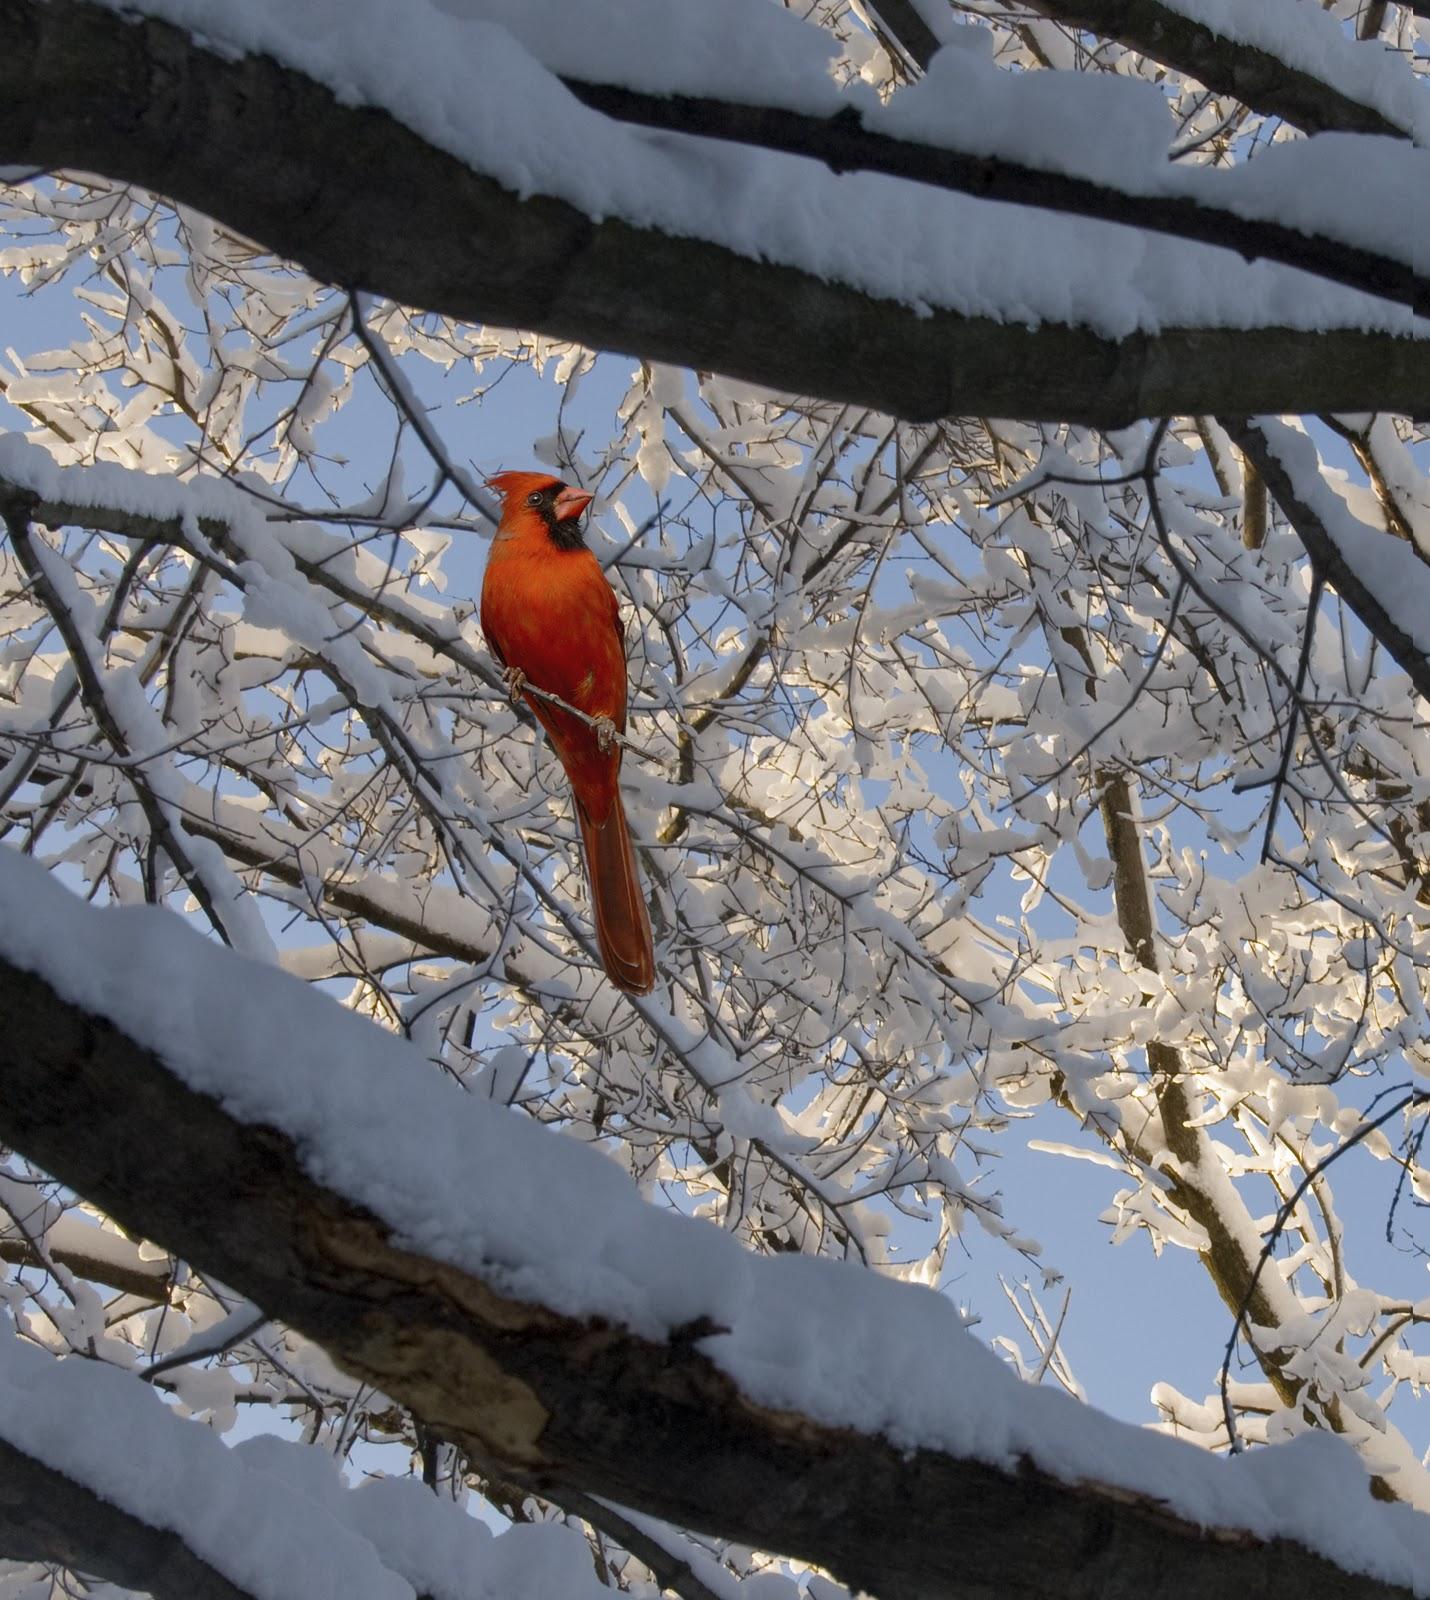 Winter Backyard Birds :  Birds and Butterflies for Beginners Backyard Bird Watching in Winter